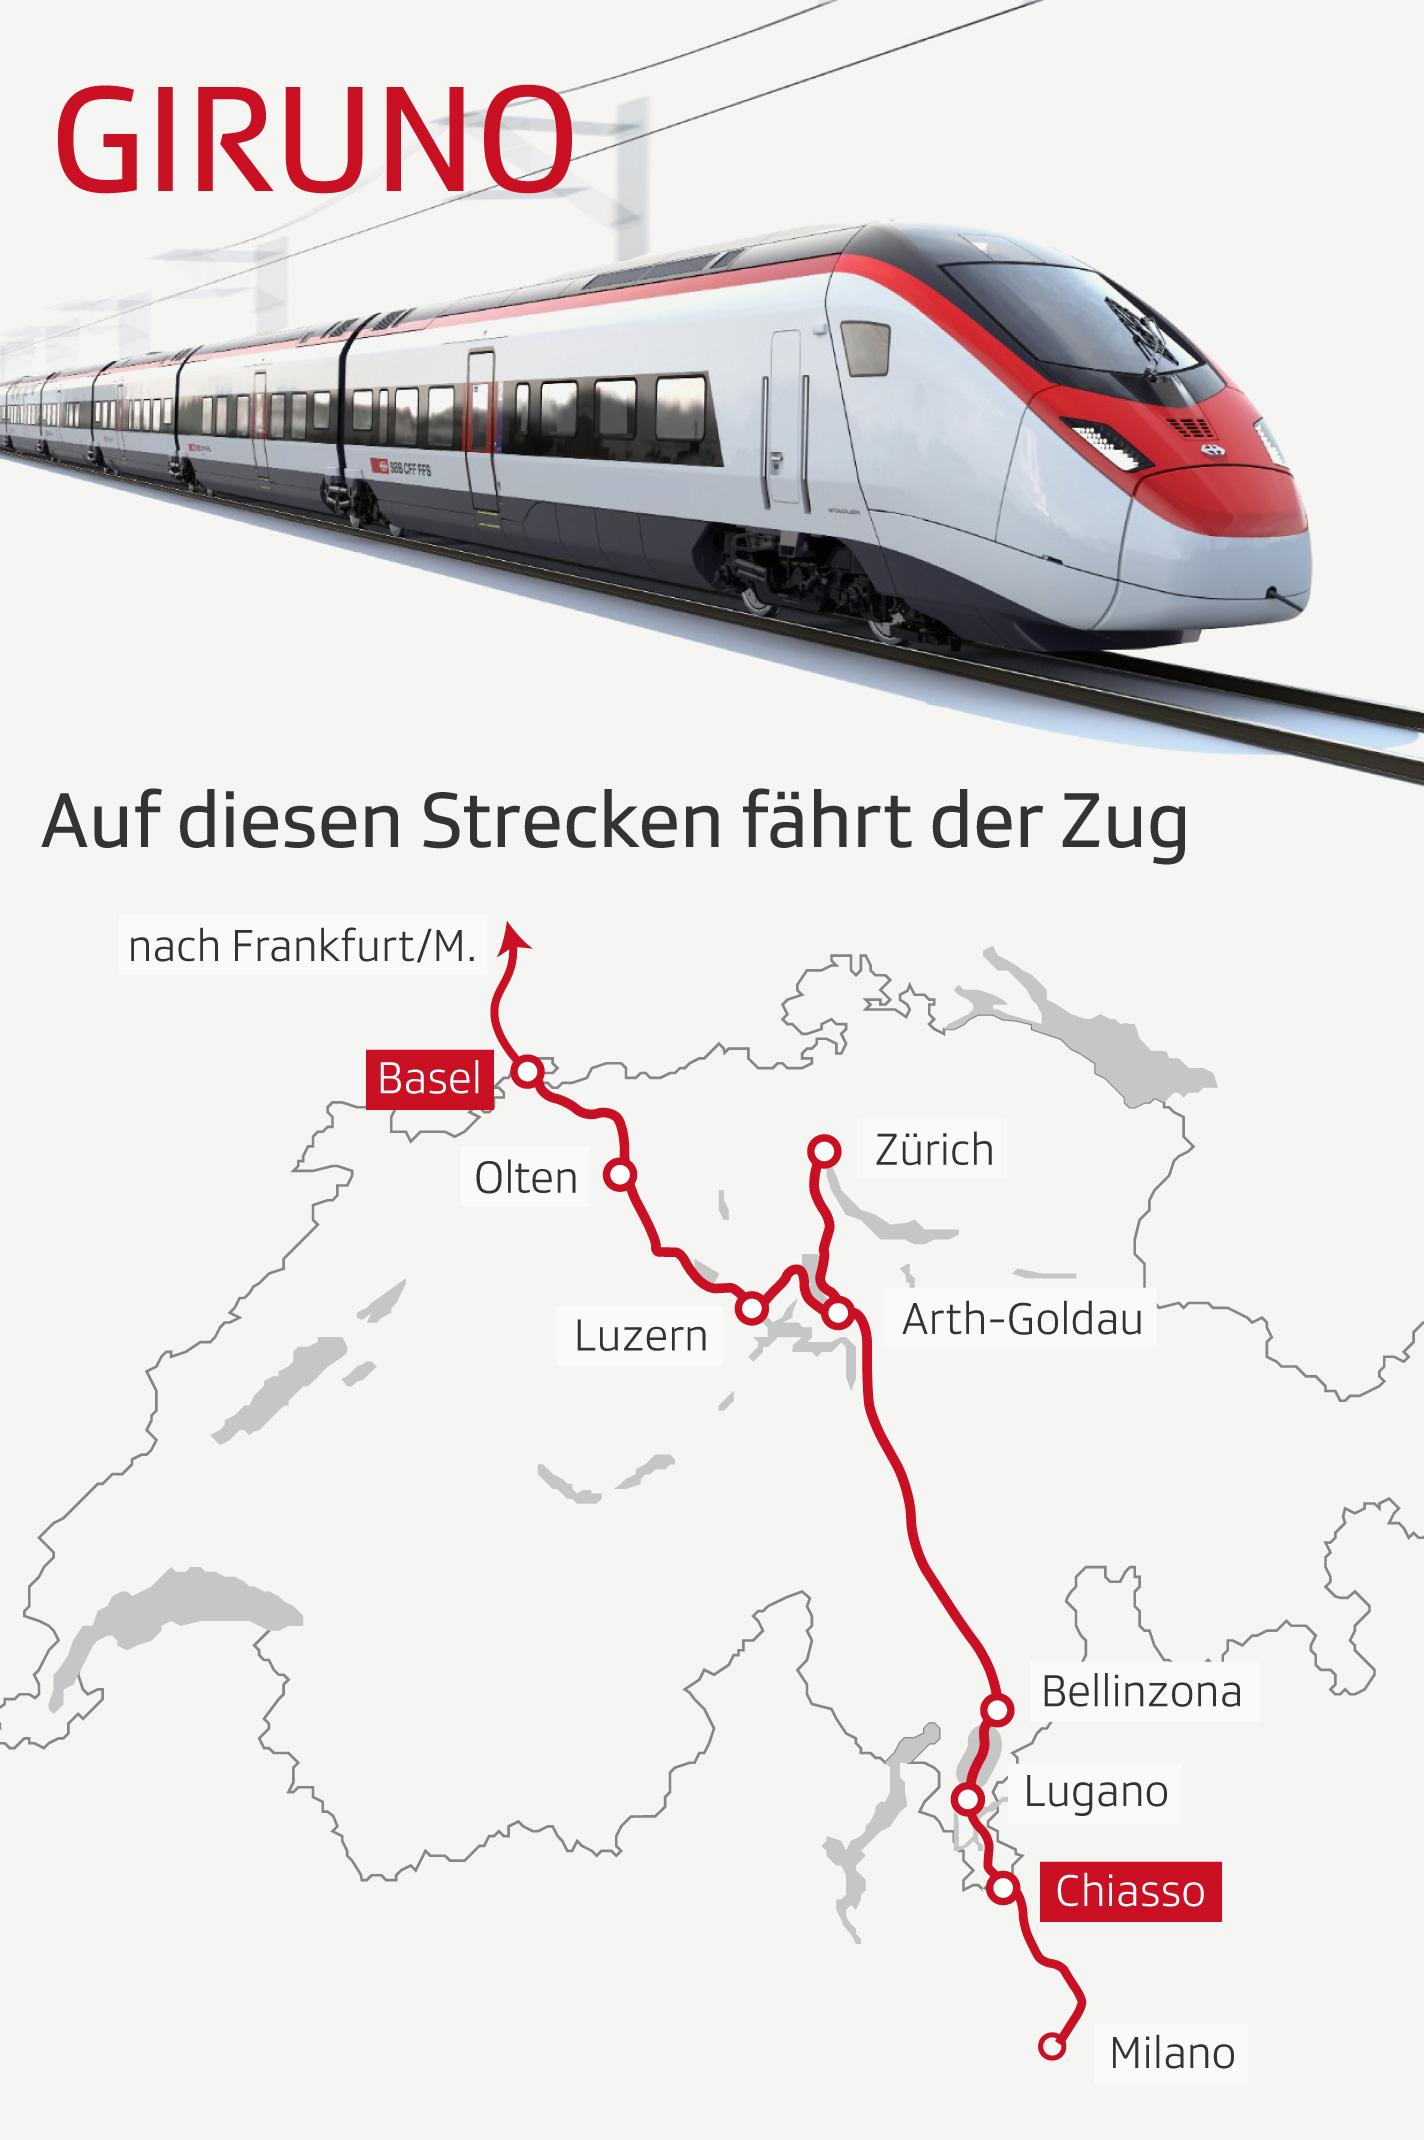 Infografik: Auf dieser Strecke fährt der Giruno